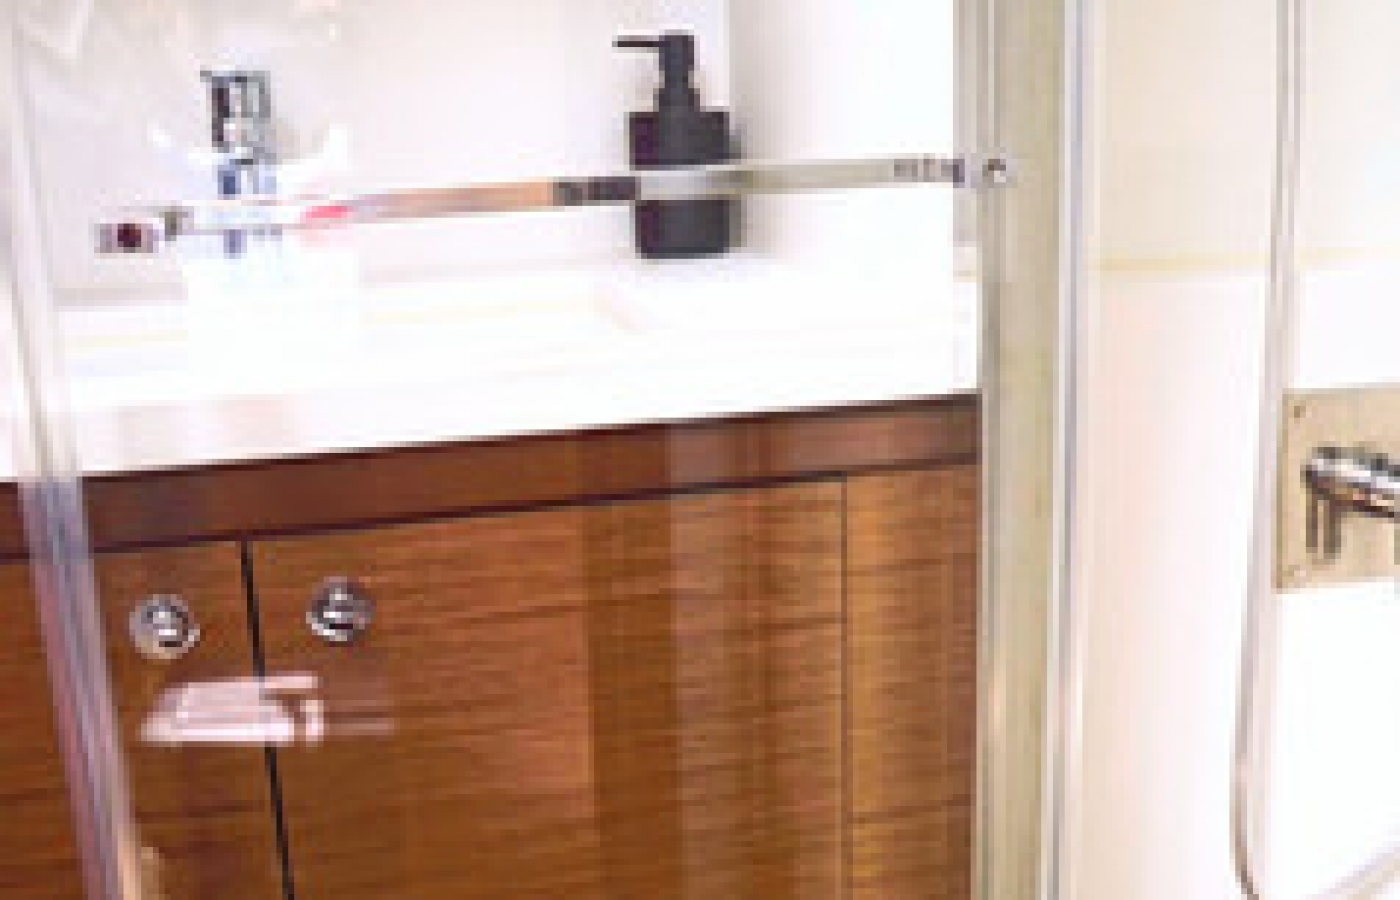 Sink with storage underneath